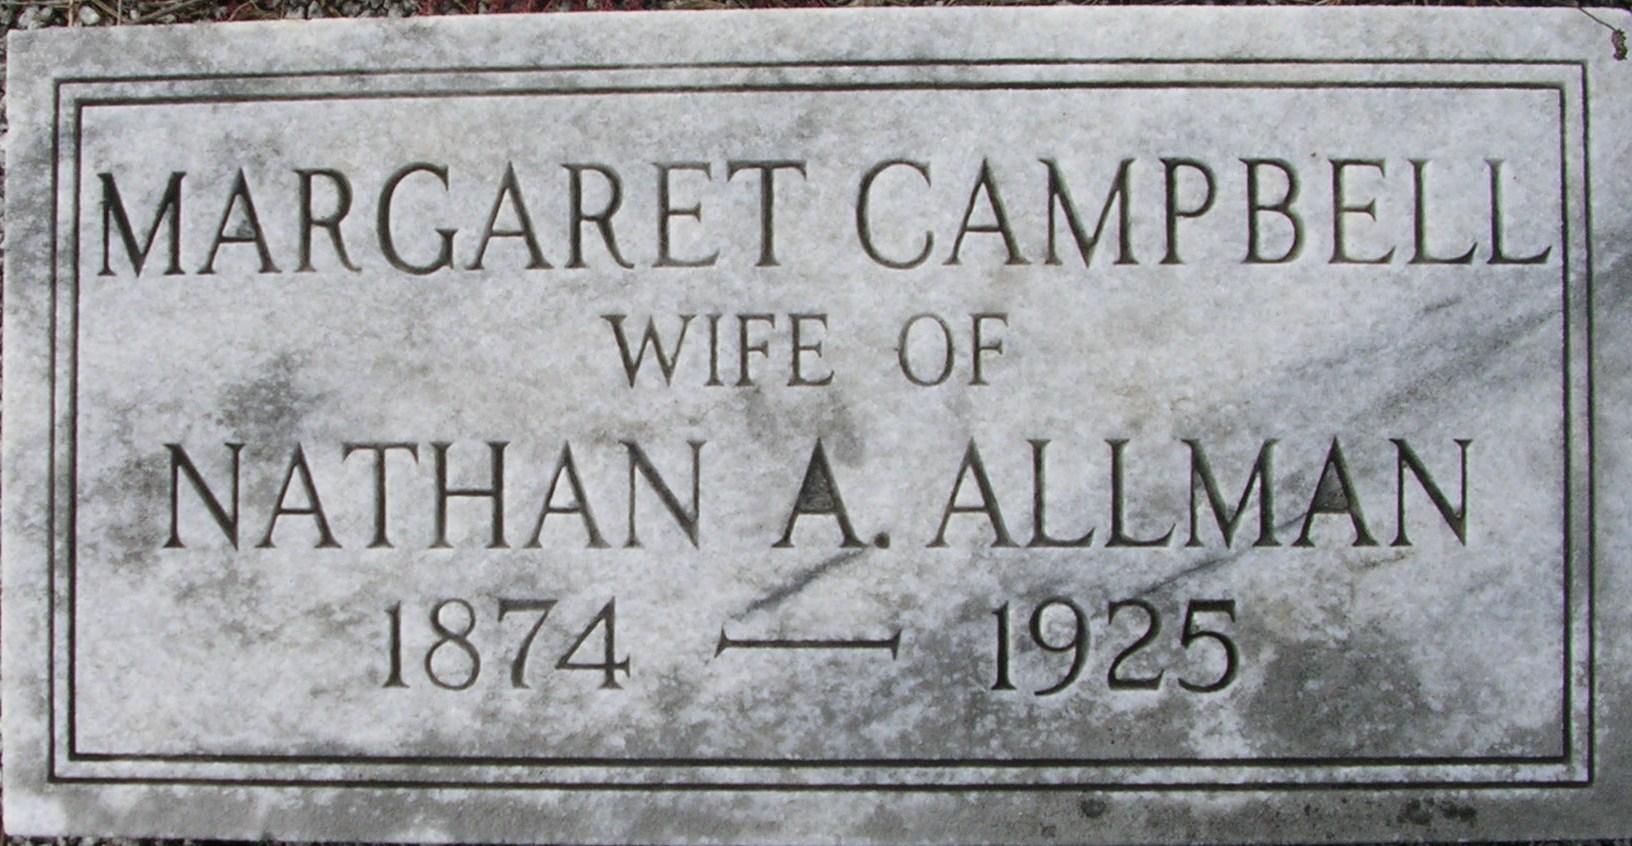 Margaret <i>Campbell</i> Allman